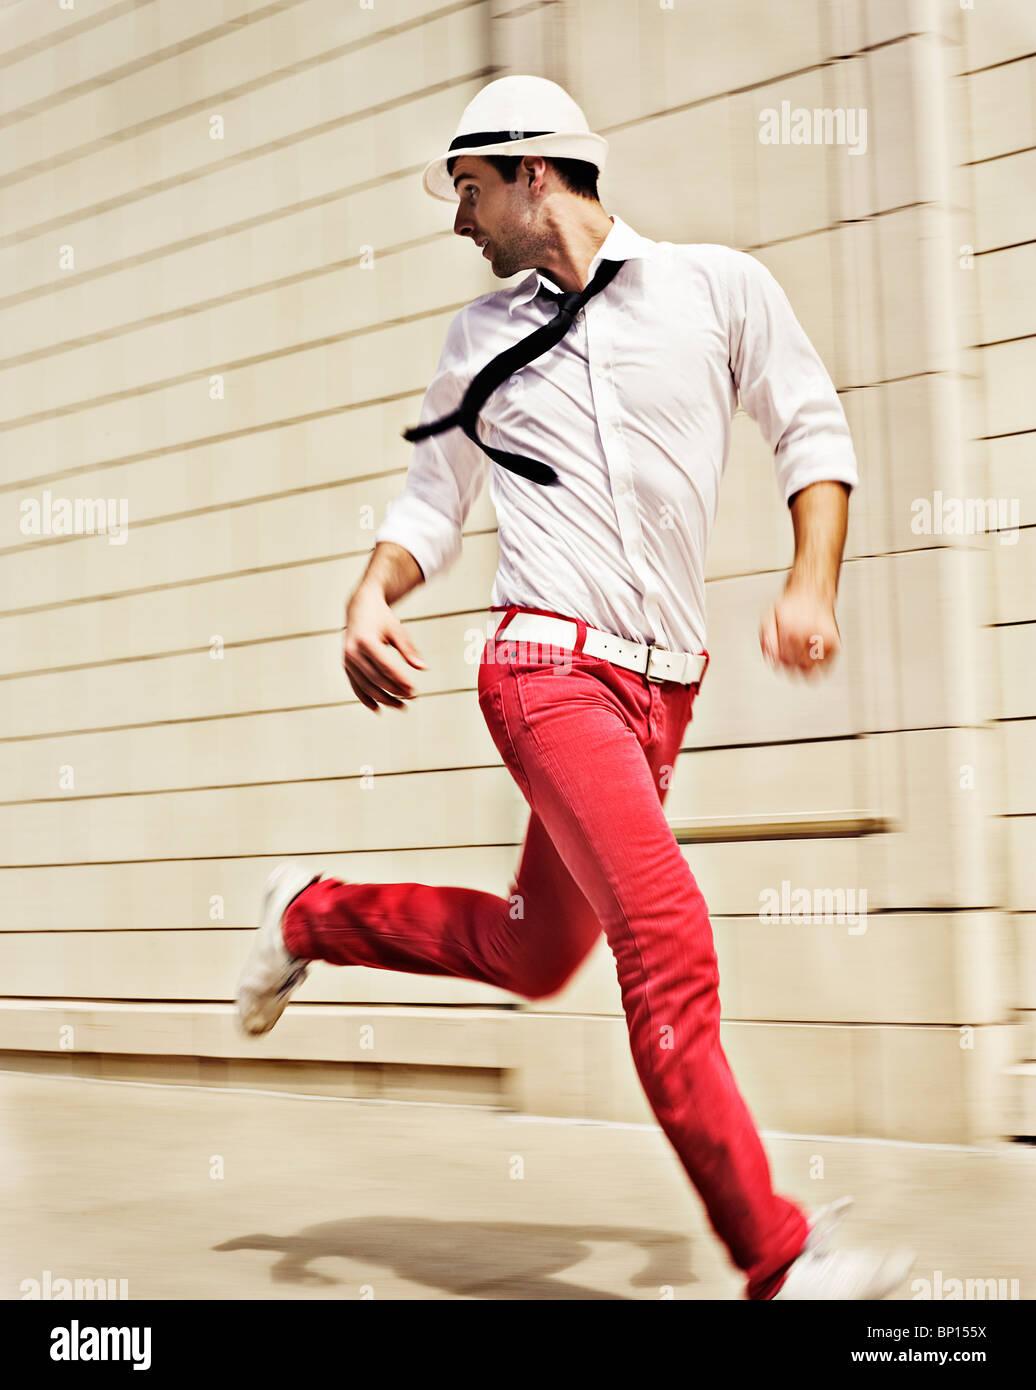 Man in tie running - Stock Image